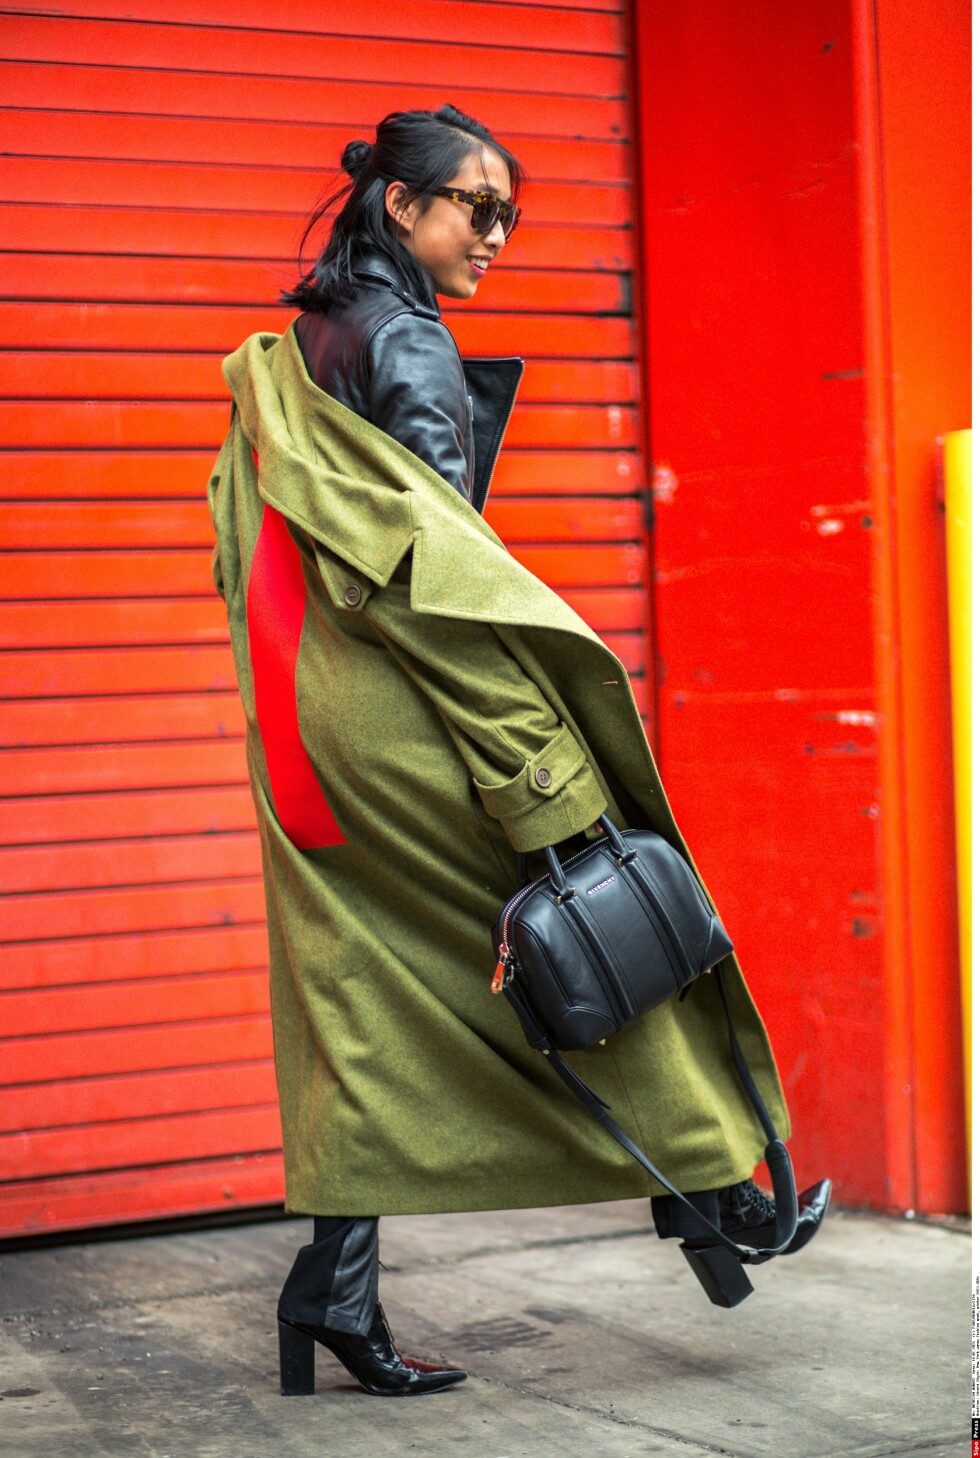 Denne fashionistaen bruker en kåpe over bikerjakken sin, og lar kåpen henge ned på den ene skulderen.  Foto: All Over